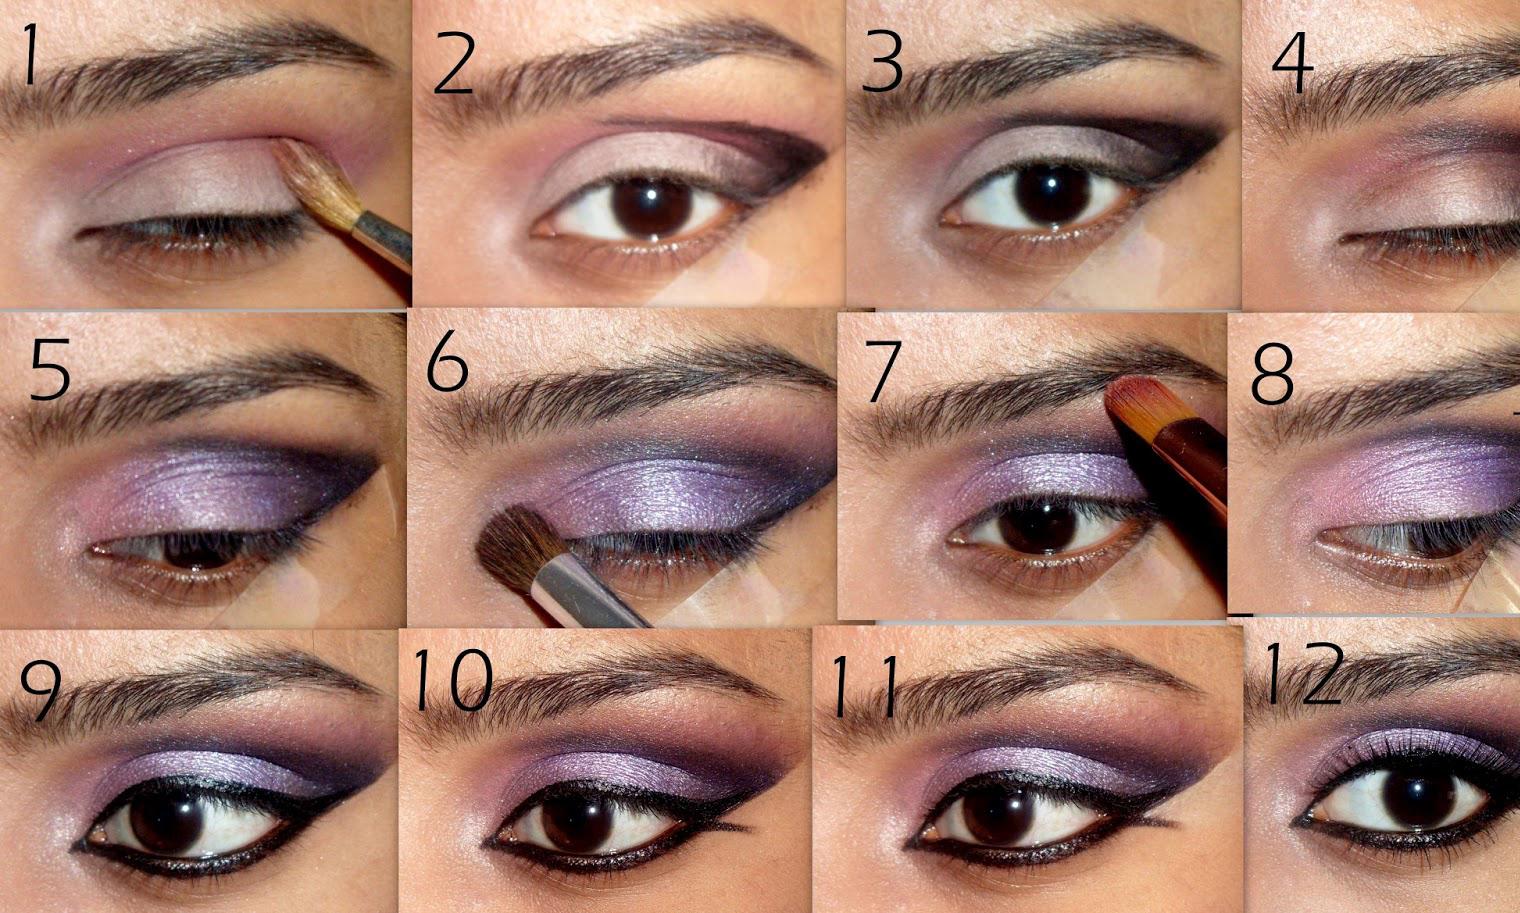 Makeup tips for hazel